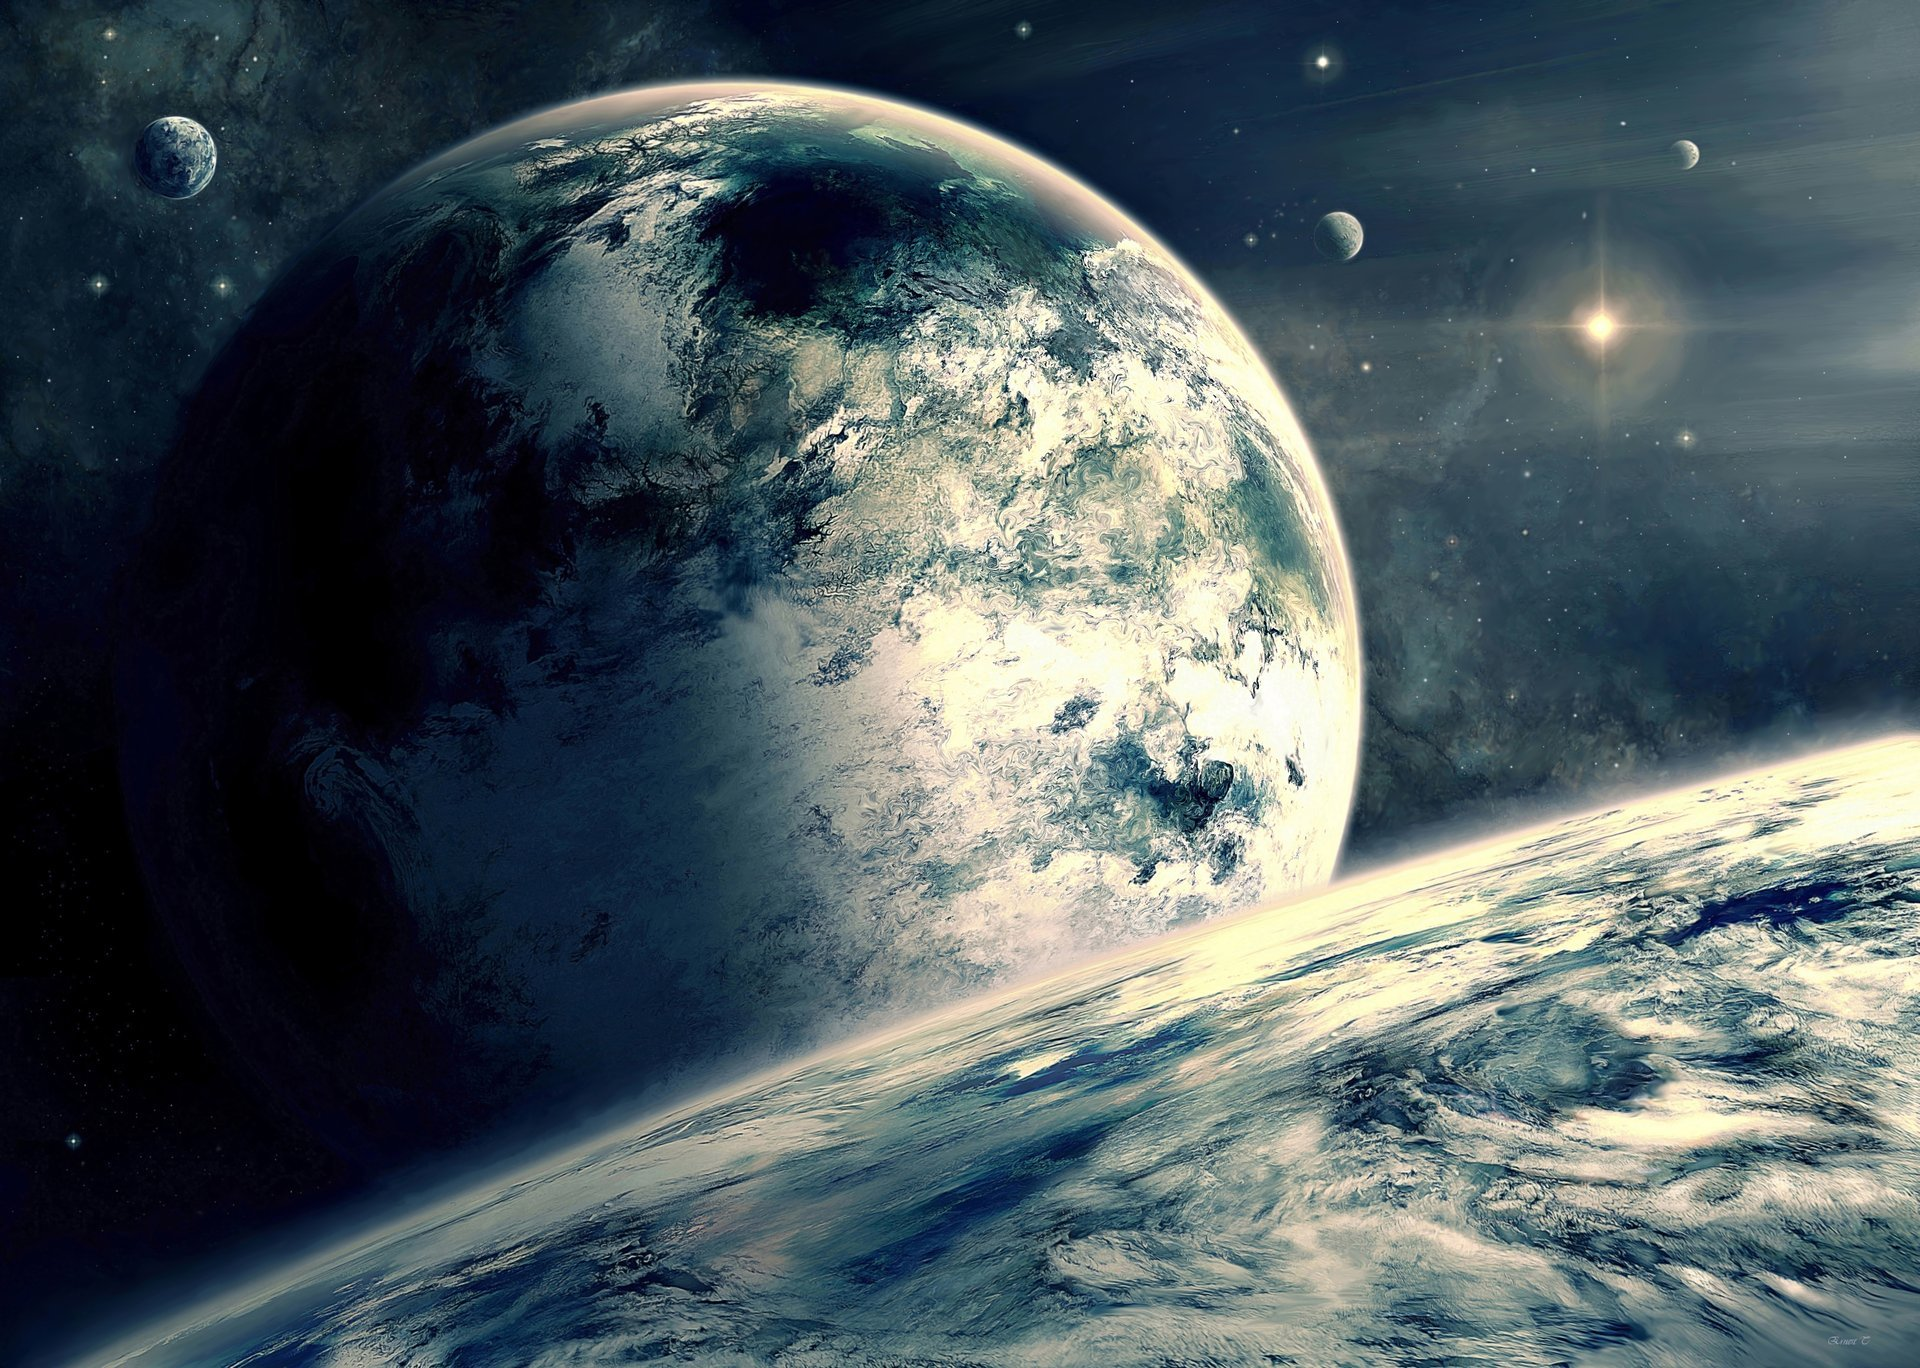 космос фото планет новый